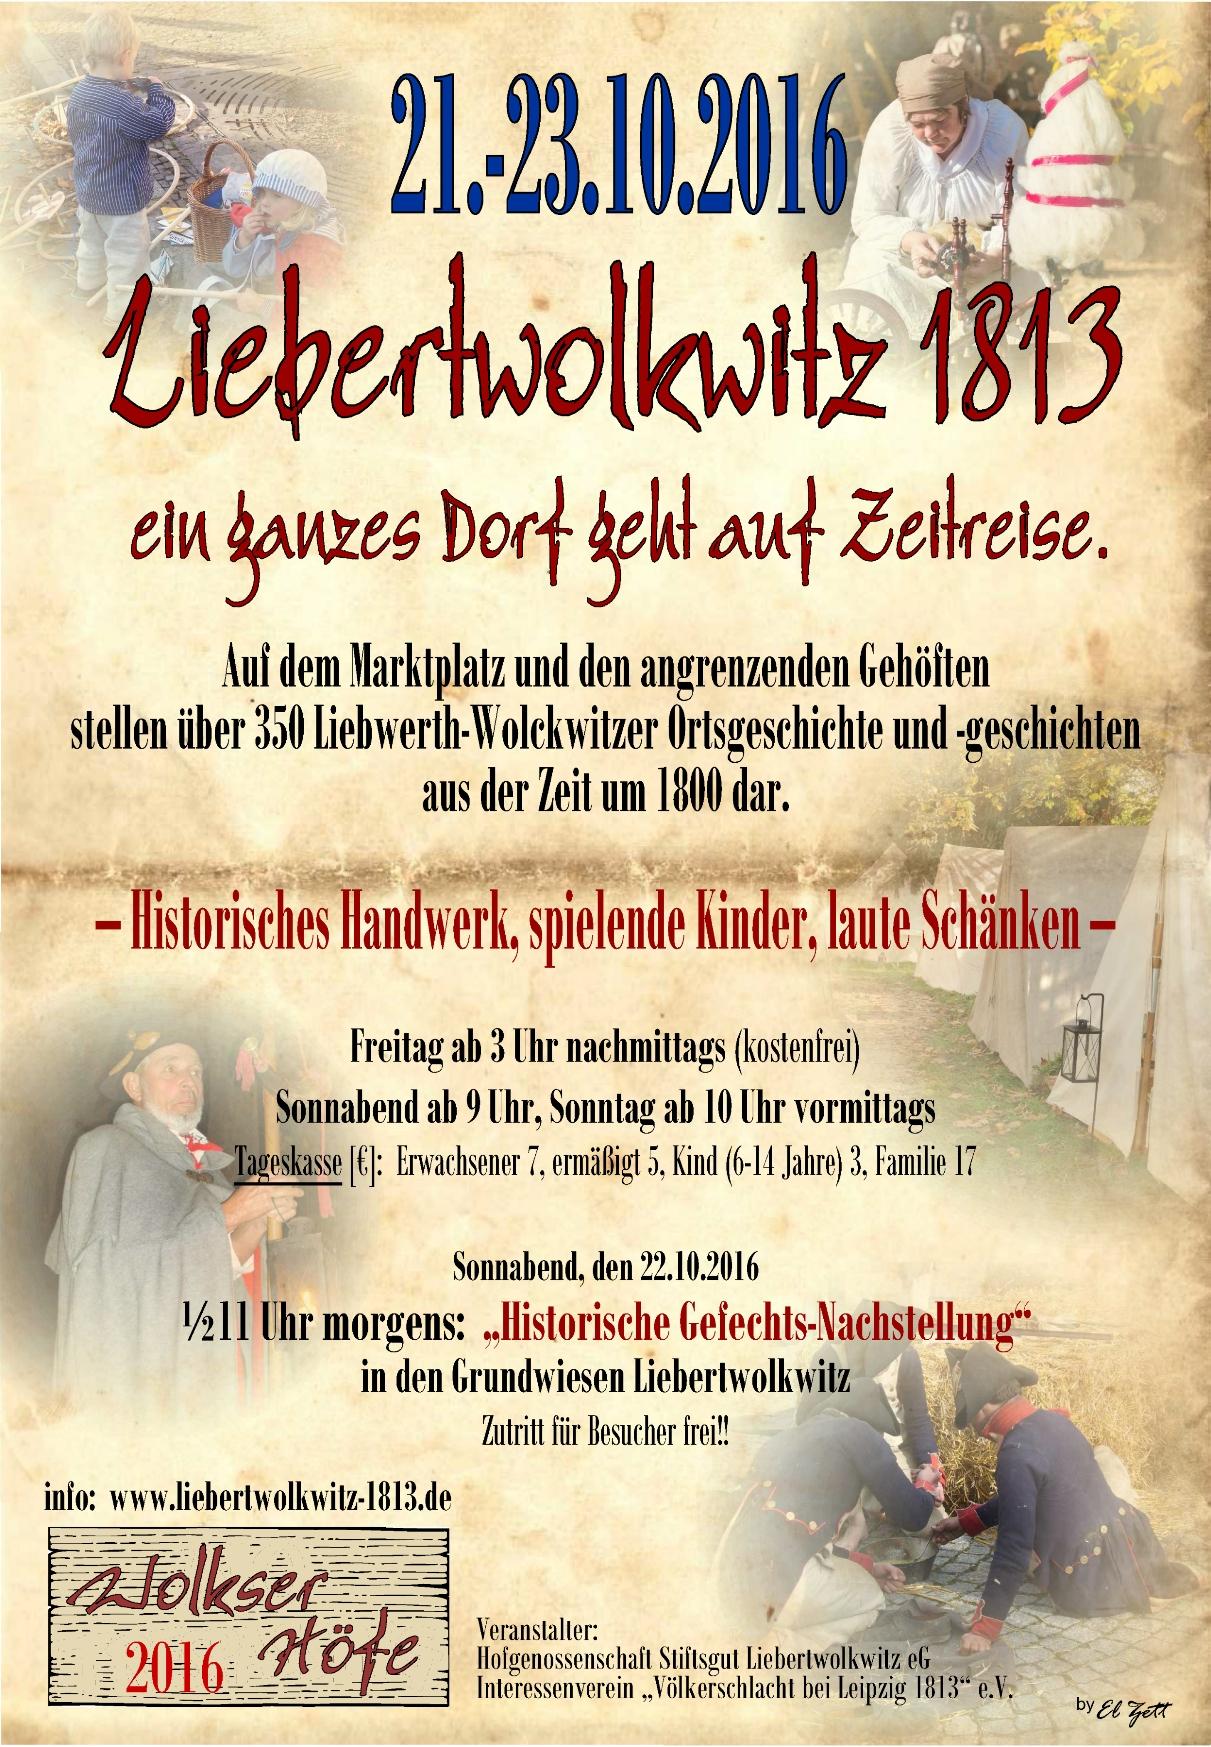 Das Dorf 1813-  Wolkser Höfe 2016 -  Liebertwolkwitz - (Bild: Lutz Zerling)